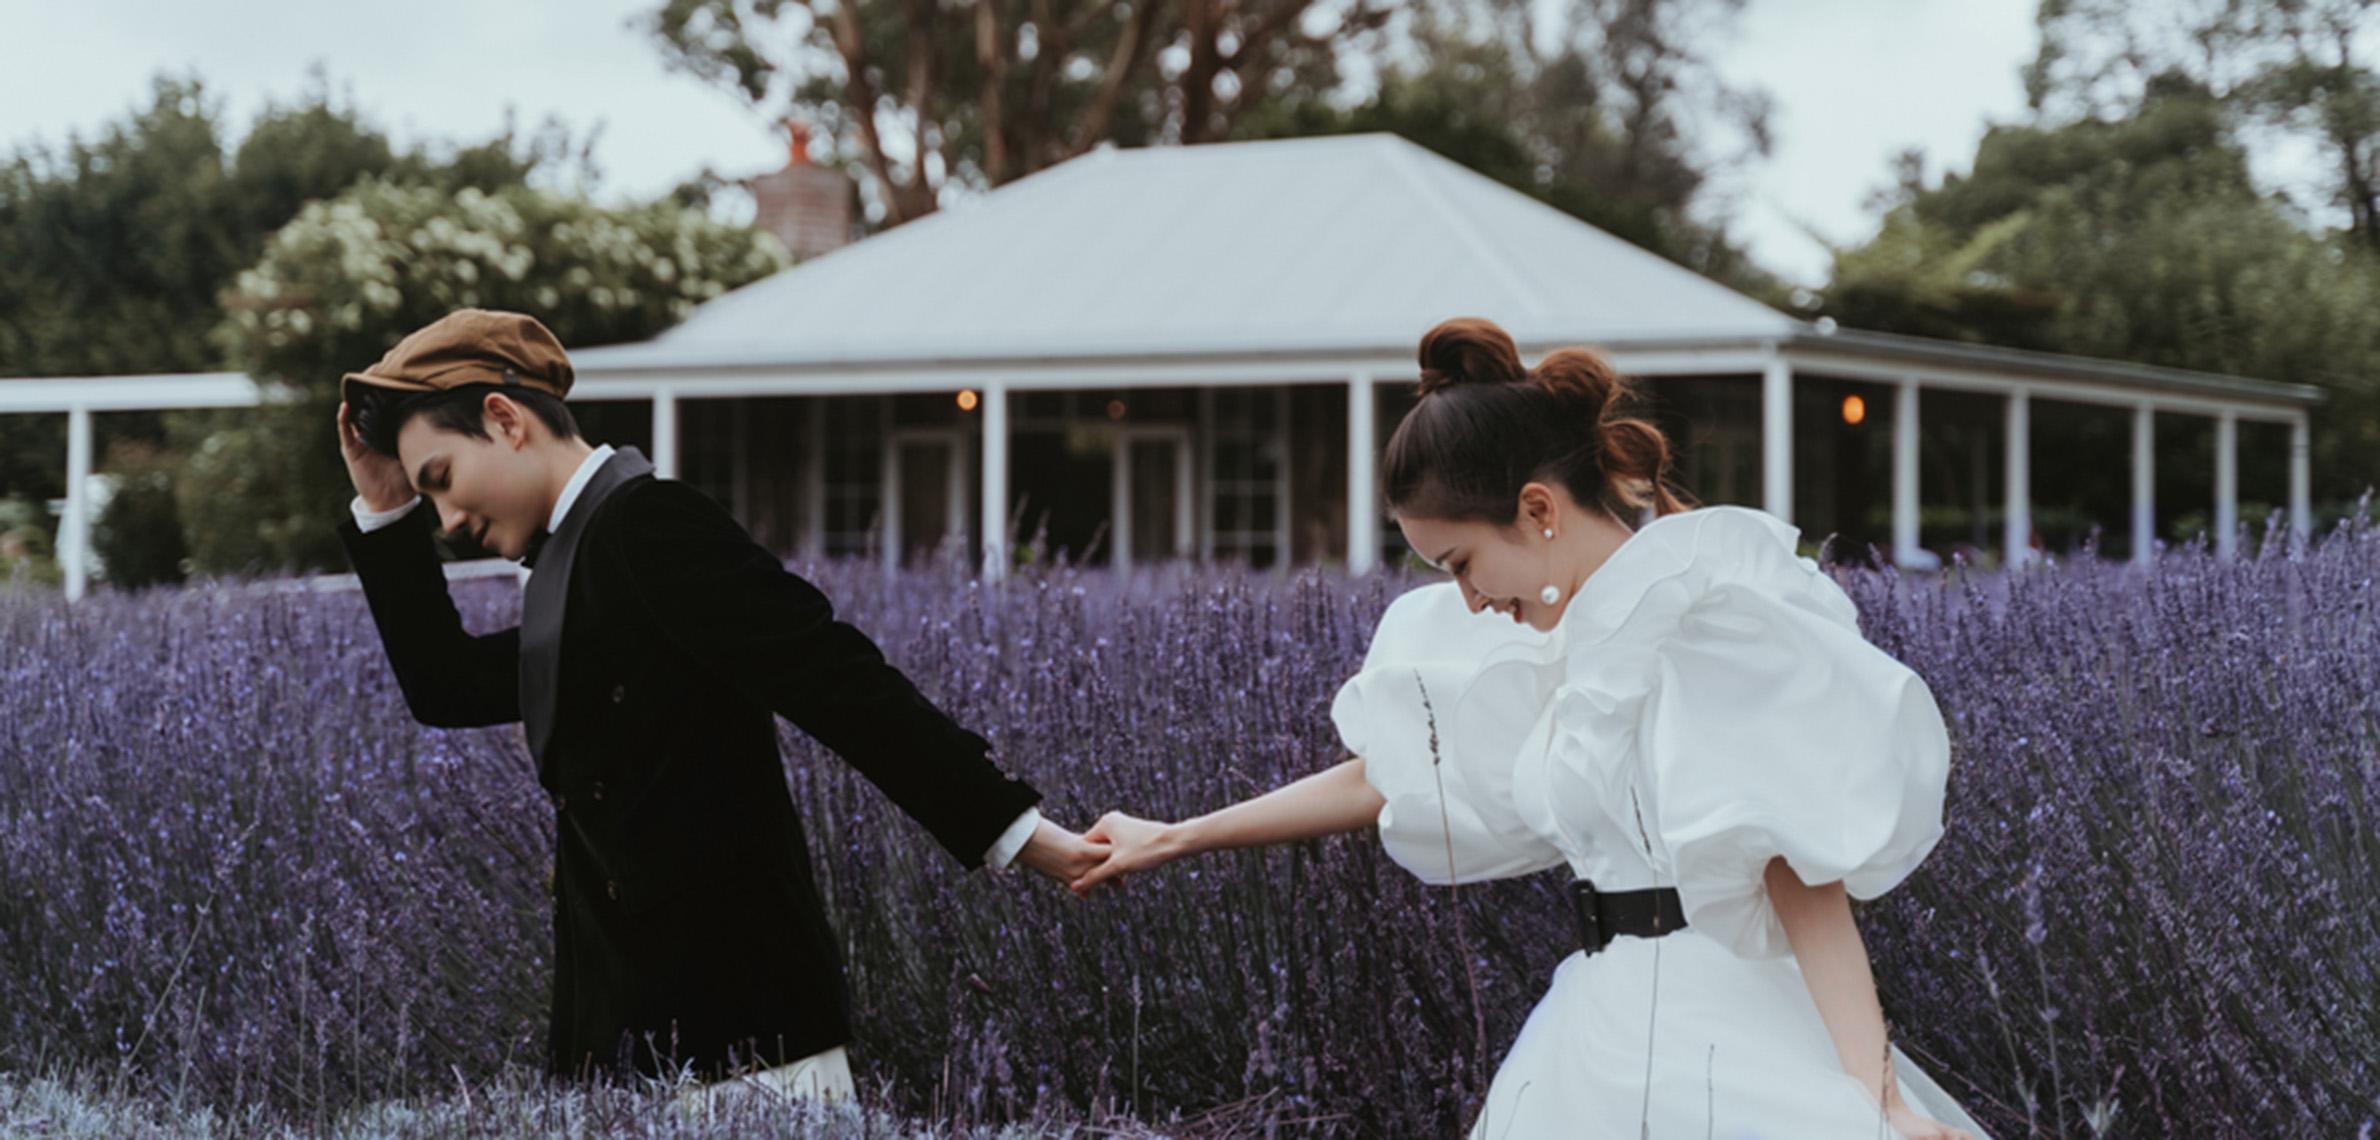 悉尼婚紗攝影,雪梨婚纱摄影,悉尼婚纱旅拍,悉尼婚纱影楼,悉尼婚纱照,墨尔本婚纱旅拍,墨爾本婚紗攝影,墨爾本婚紗照,悉尼婚禮跟拍,悉尼婚禮攝影攝像,悉尼婚礼摄影摄像,澳洲旅拍,澳大利亚婚纱旅拍,悉尼网红婚纱拍摄点,网红旅拍婚纱照,悉尼婚礼拍摄,Centennial park婚纱拍摄,新西蘭婚紗攝影,新西兰婚纱照,新西兰婚纱旅拍,新西蘭婚紗照